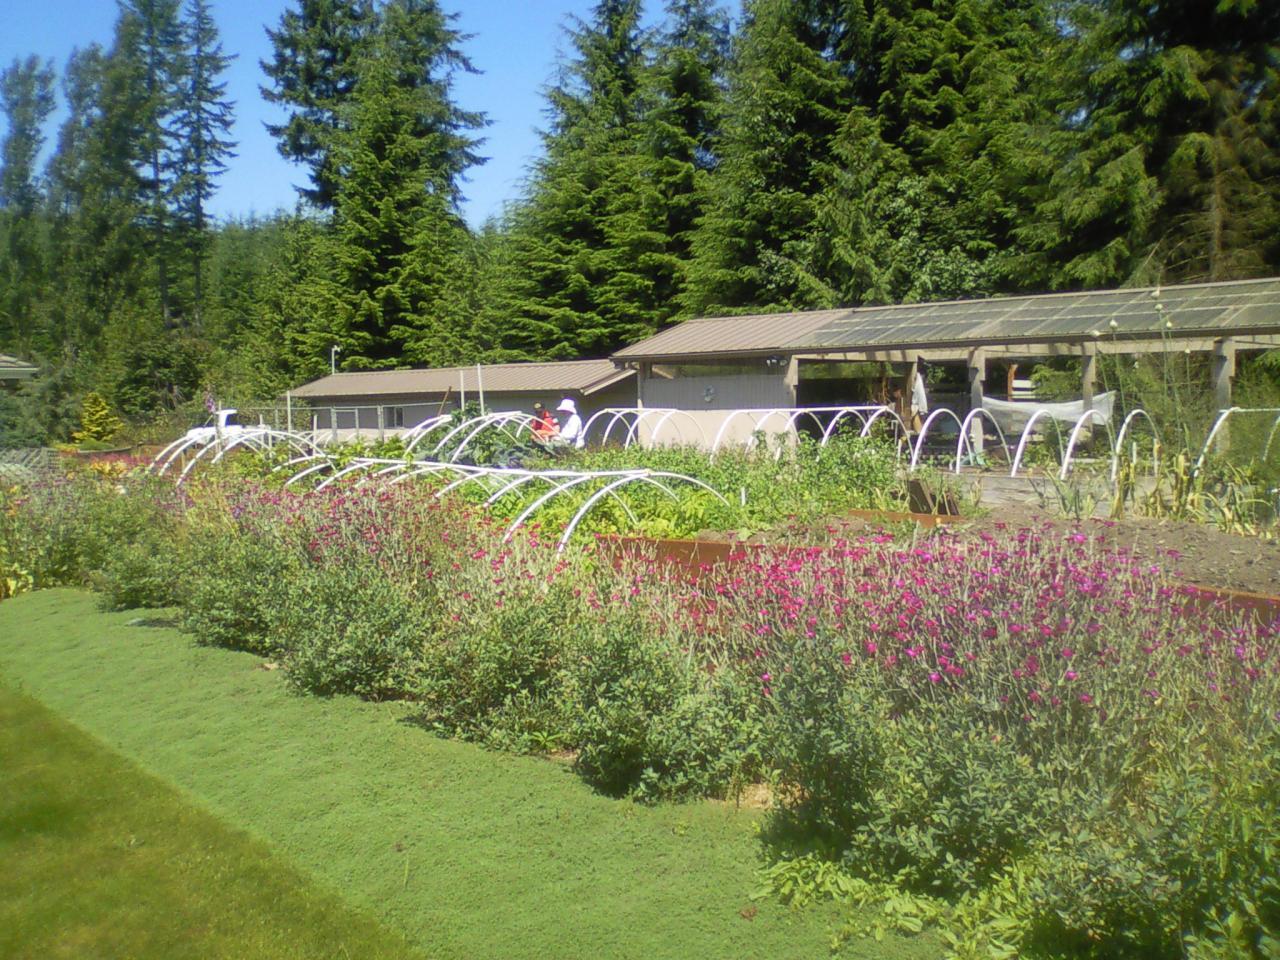 Jim and Pam's organic garden